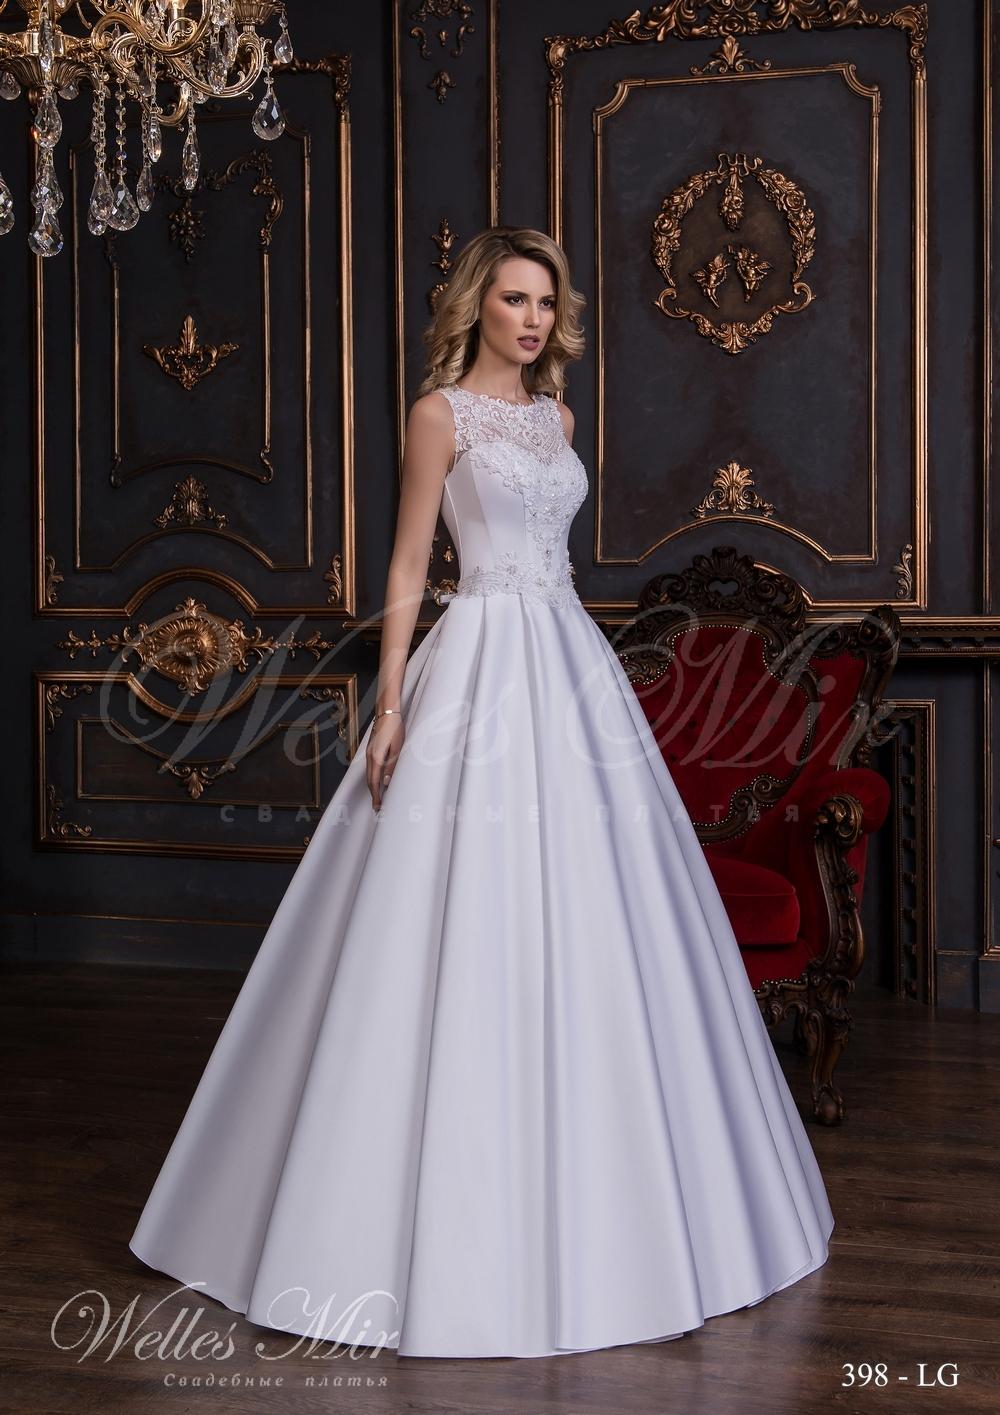 Свадебные платья Luxury collection 2017-2018 - 398-LG